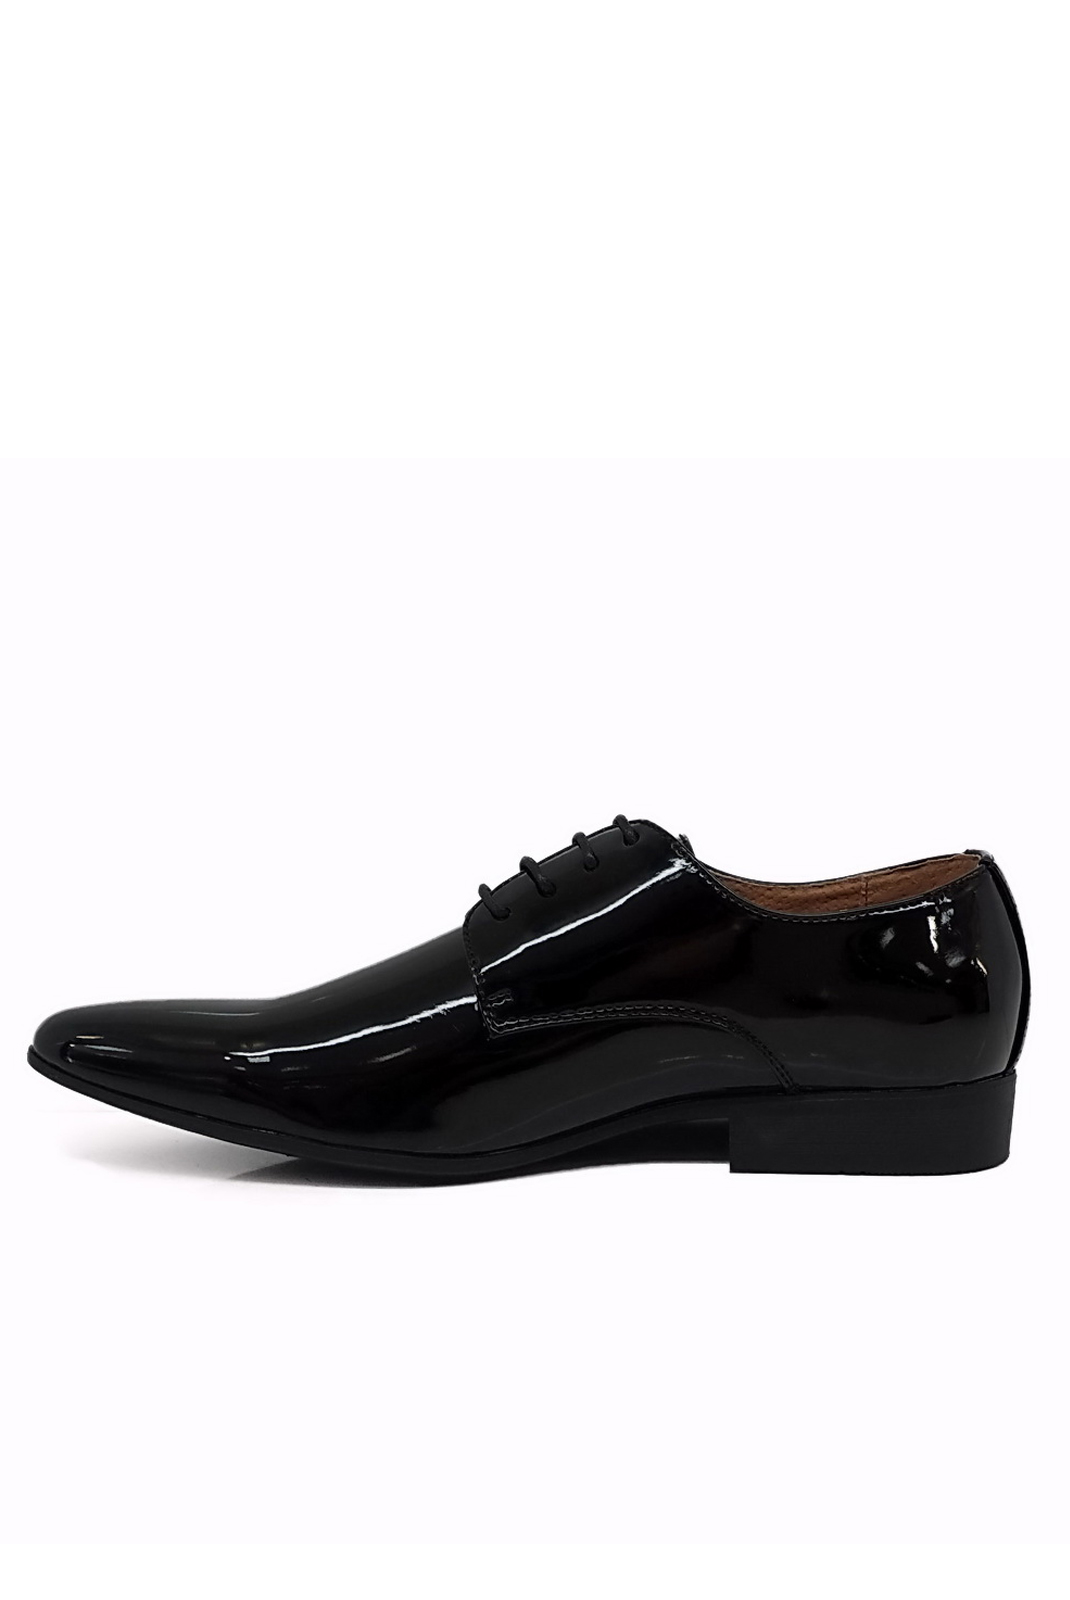 Chaussures de ville  Galax GH2019 V NOIR VERNIS